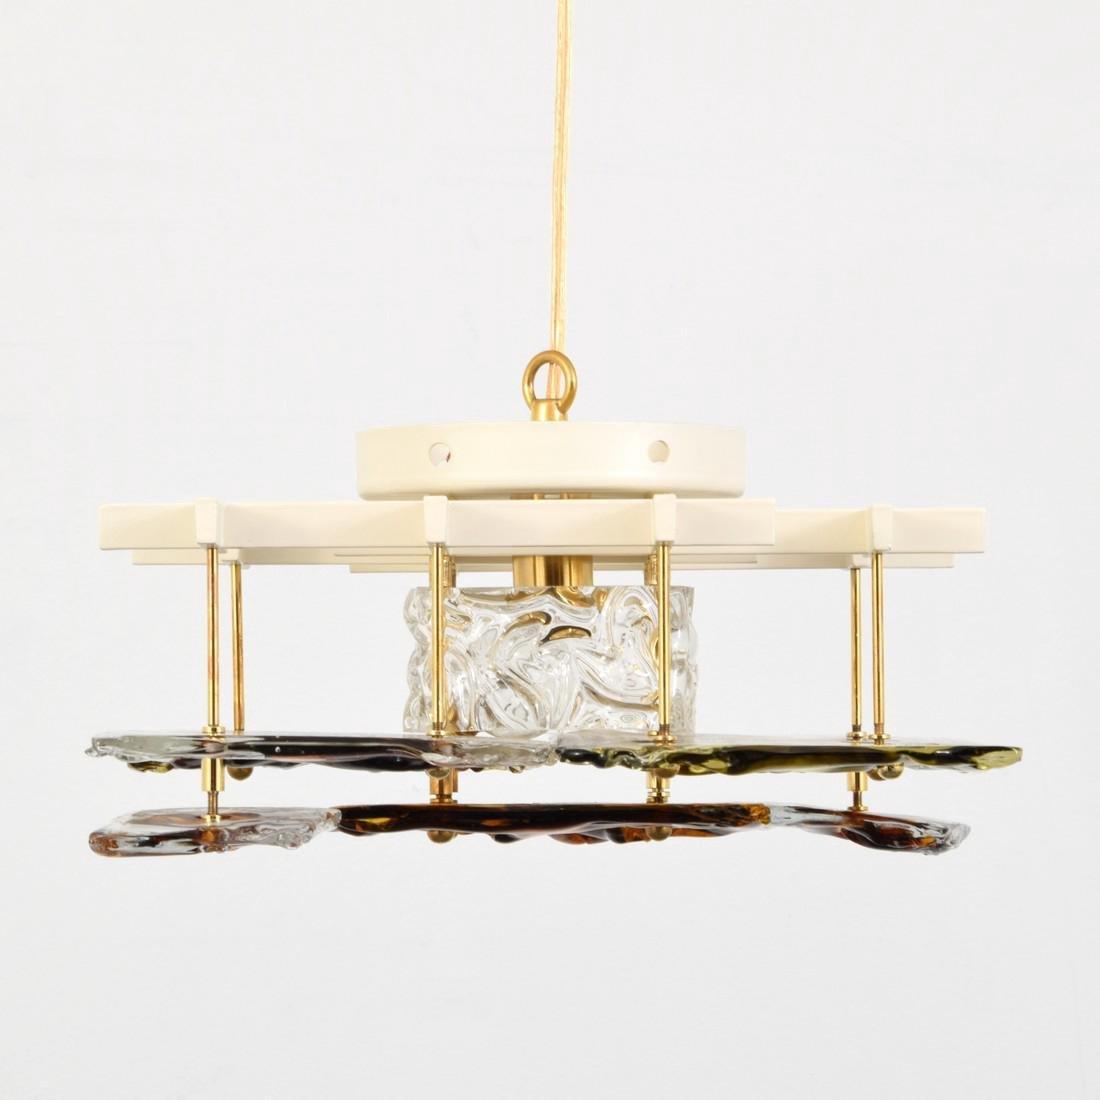 Venini Sconces / Ceiling Lights, Set of 10 - 3